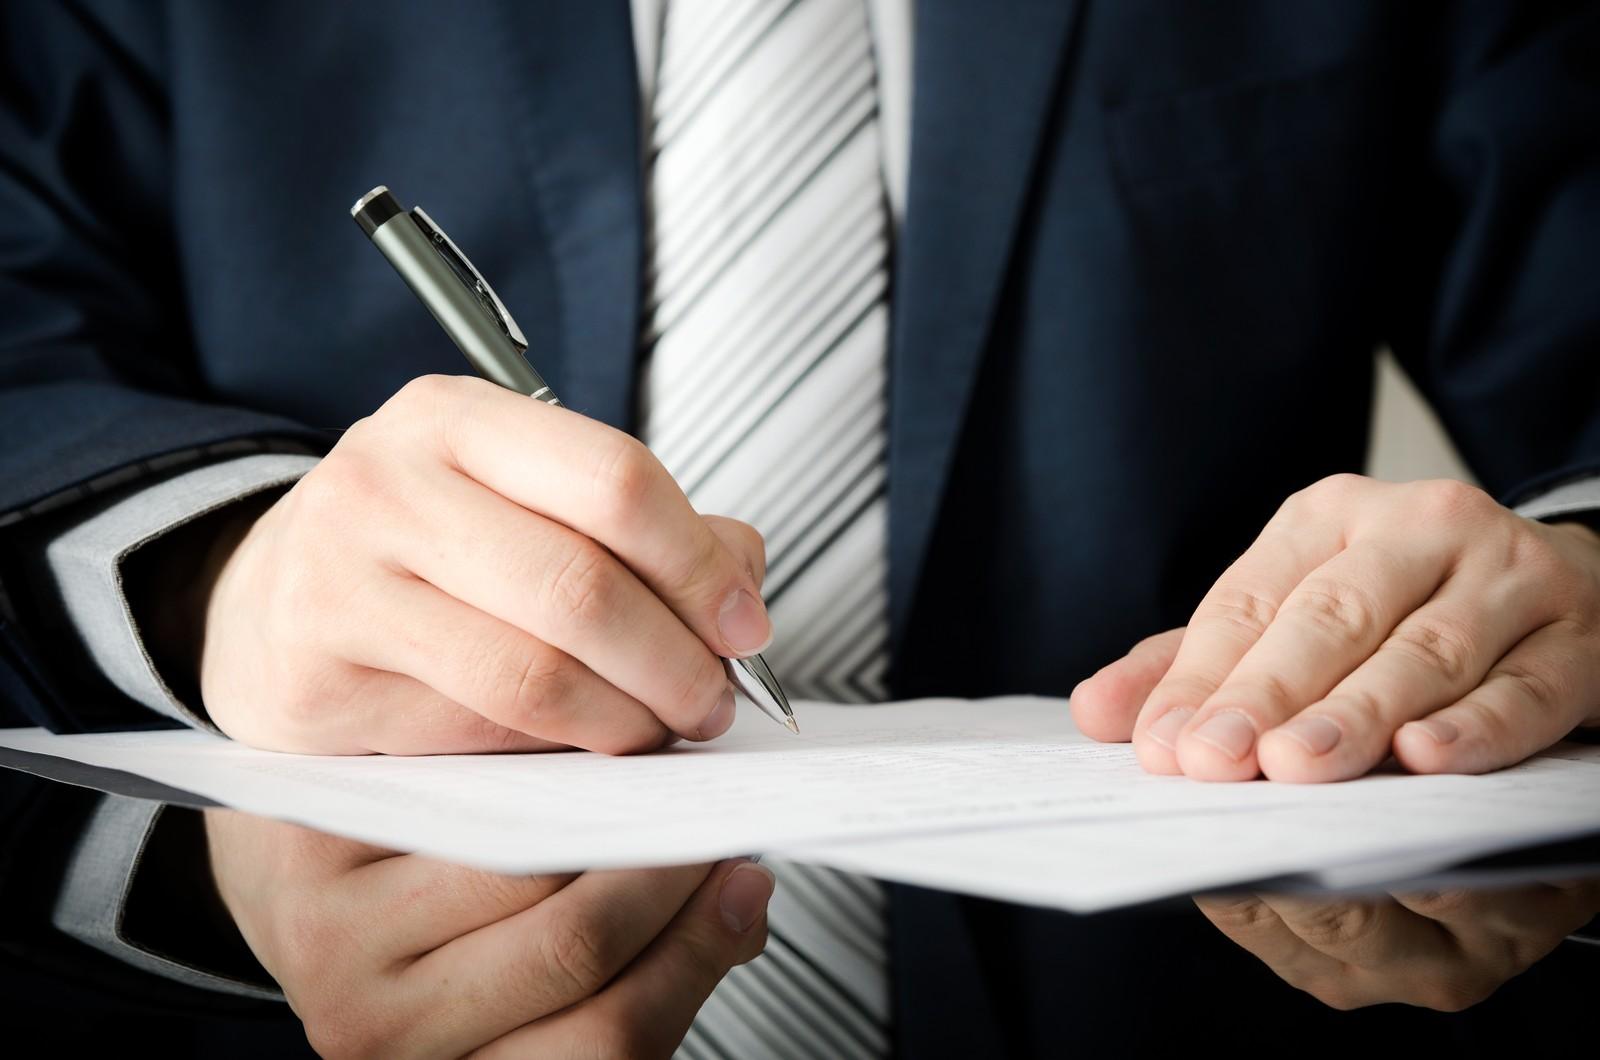 Auch wenn ein Bürgermeister einen Architektenvertrag ohne Zustimmung des Gemeinderates unterschreibt, ist der Vertrag laut BGH-Urteil gültig.